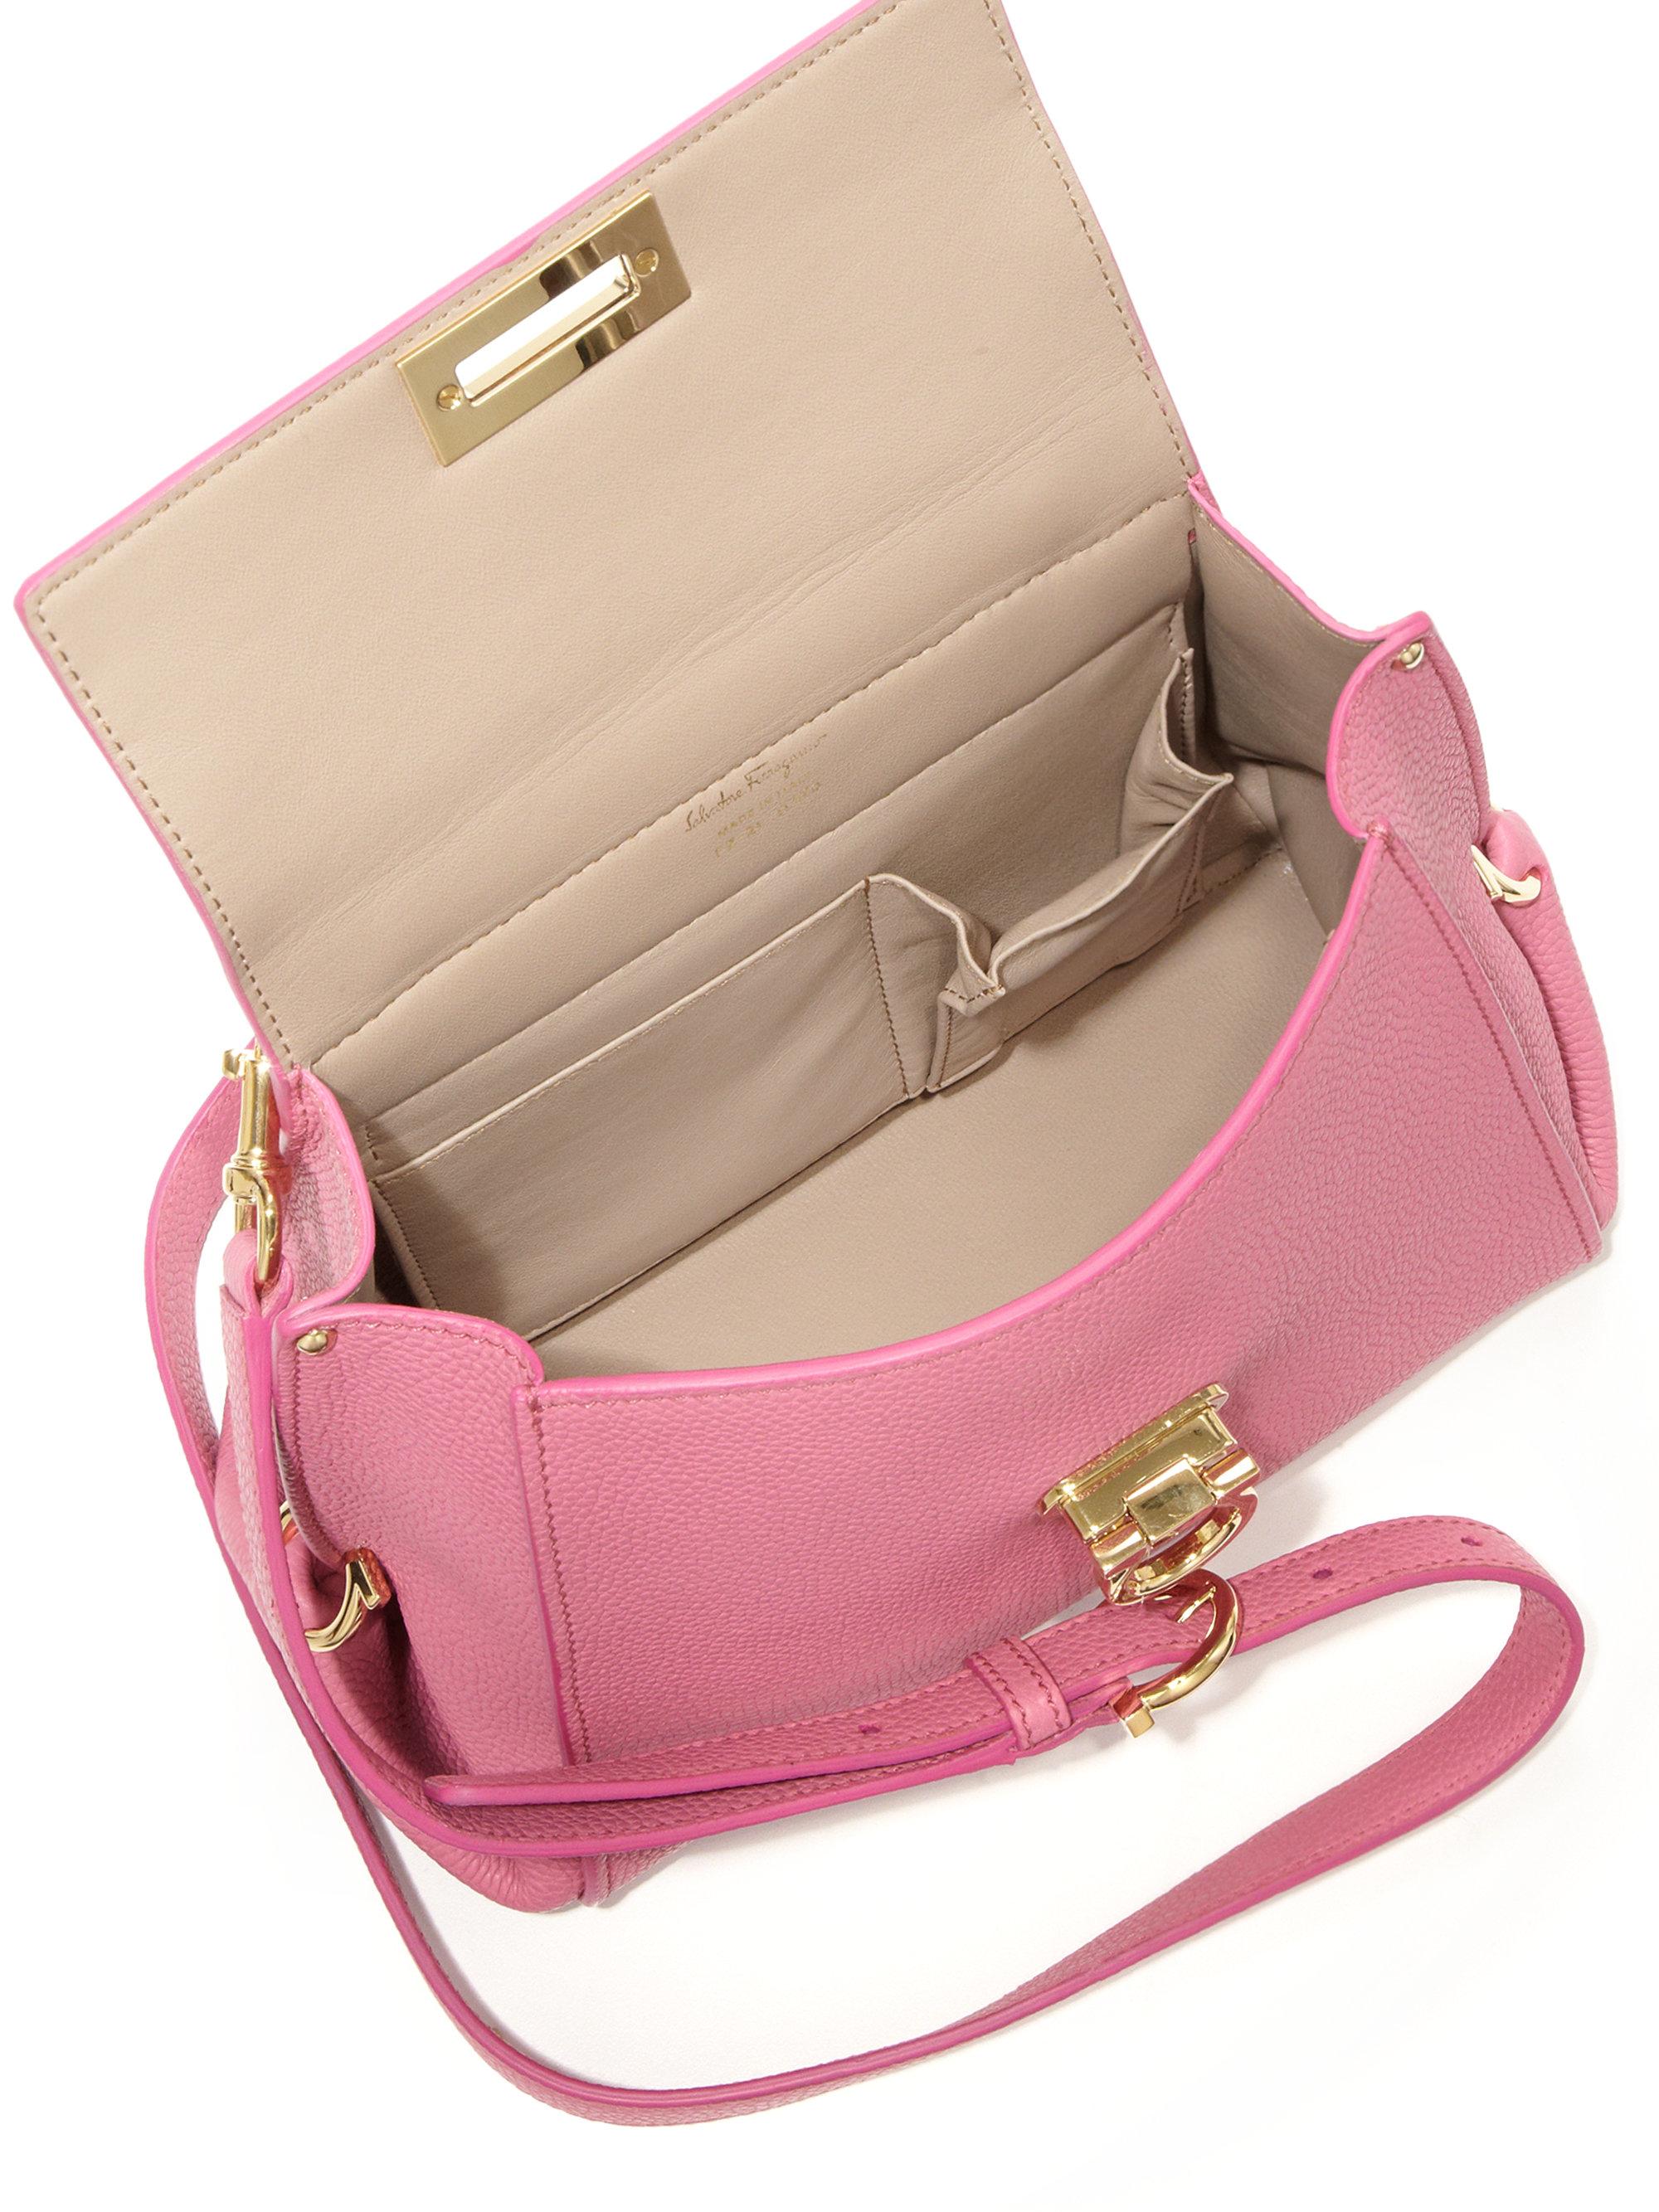 efb20c1621 Lyst - Ferragamo Sofia Small Leather Satchel in Pink